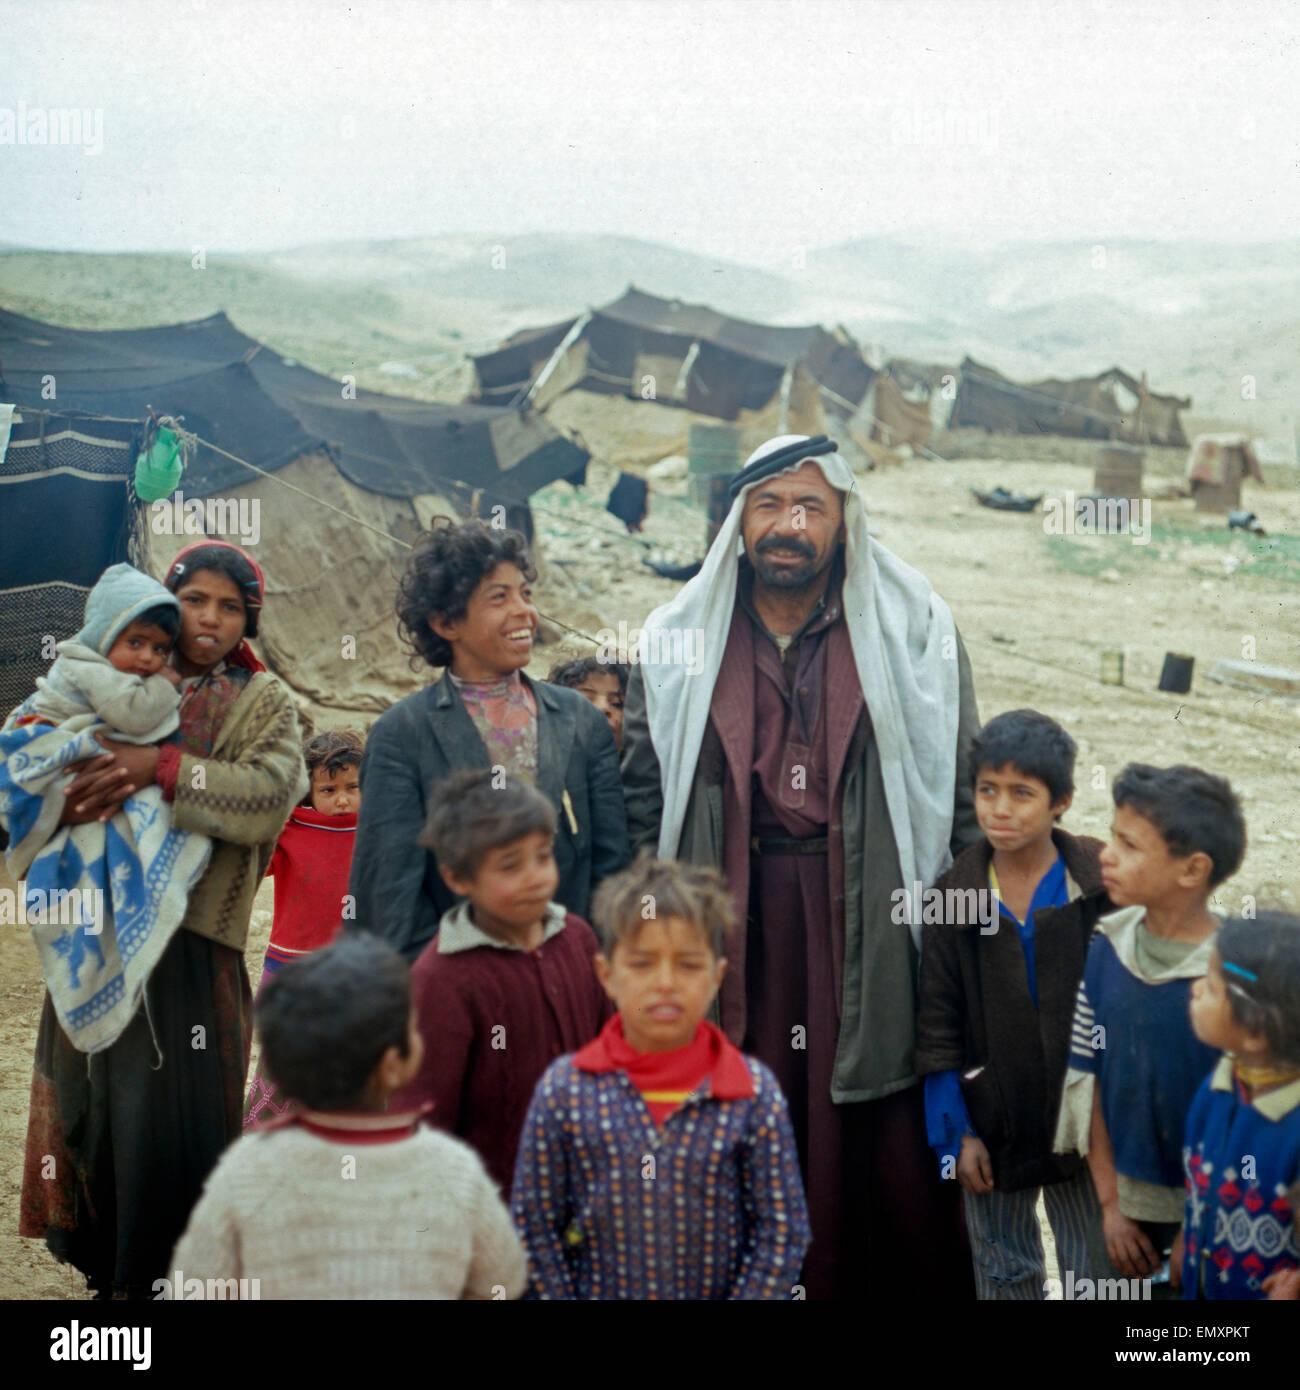 Großfamilie in Einem Bediunenzeltlager, Israel Ende 1970er Jahre. Große Familie im Bedouin Camp gegen Stockbild